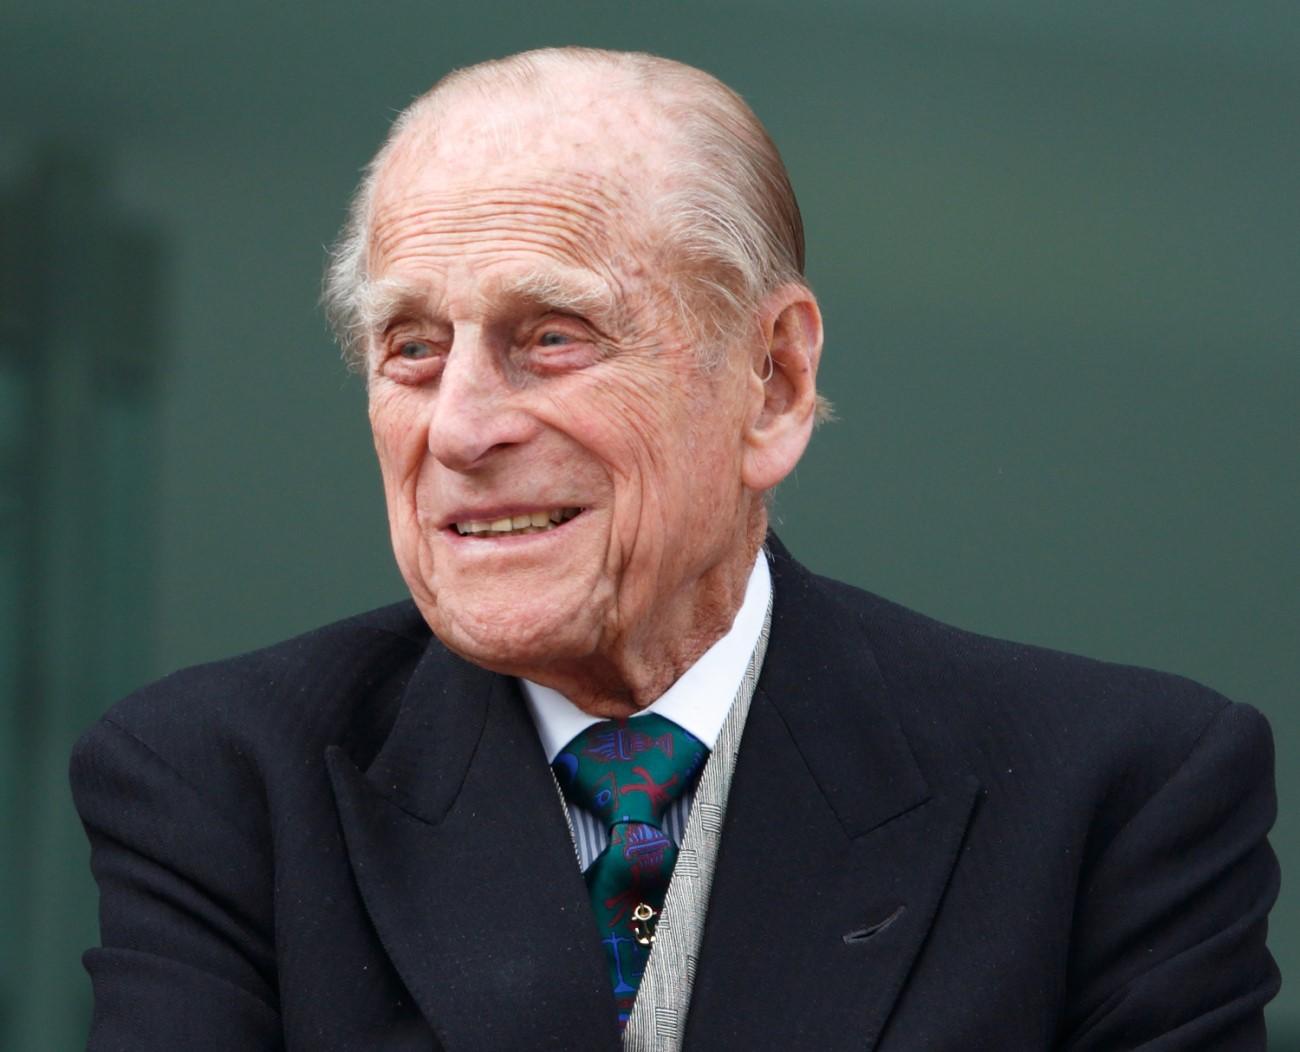 Помер чоловік королеви Єлизавети II принц Філіп